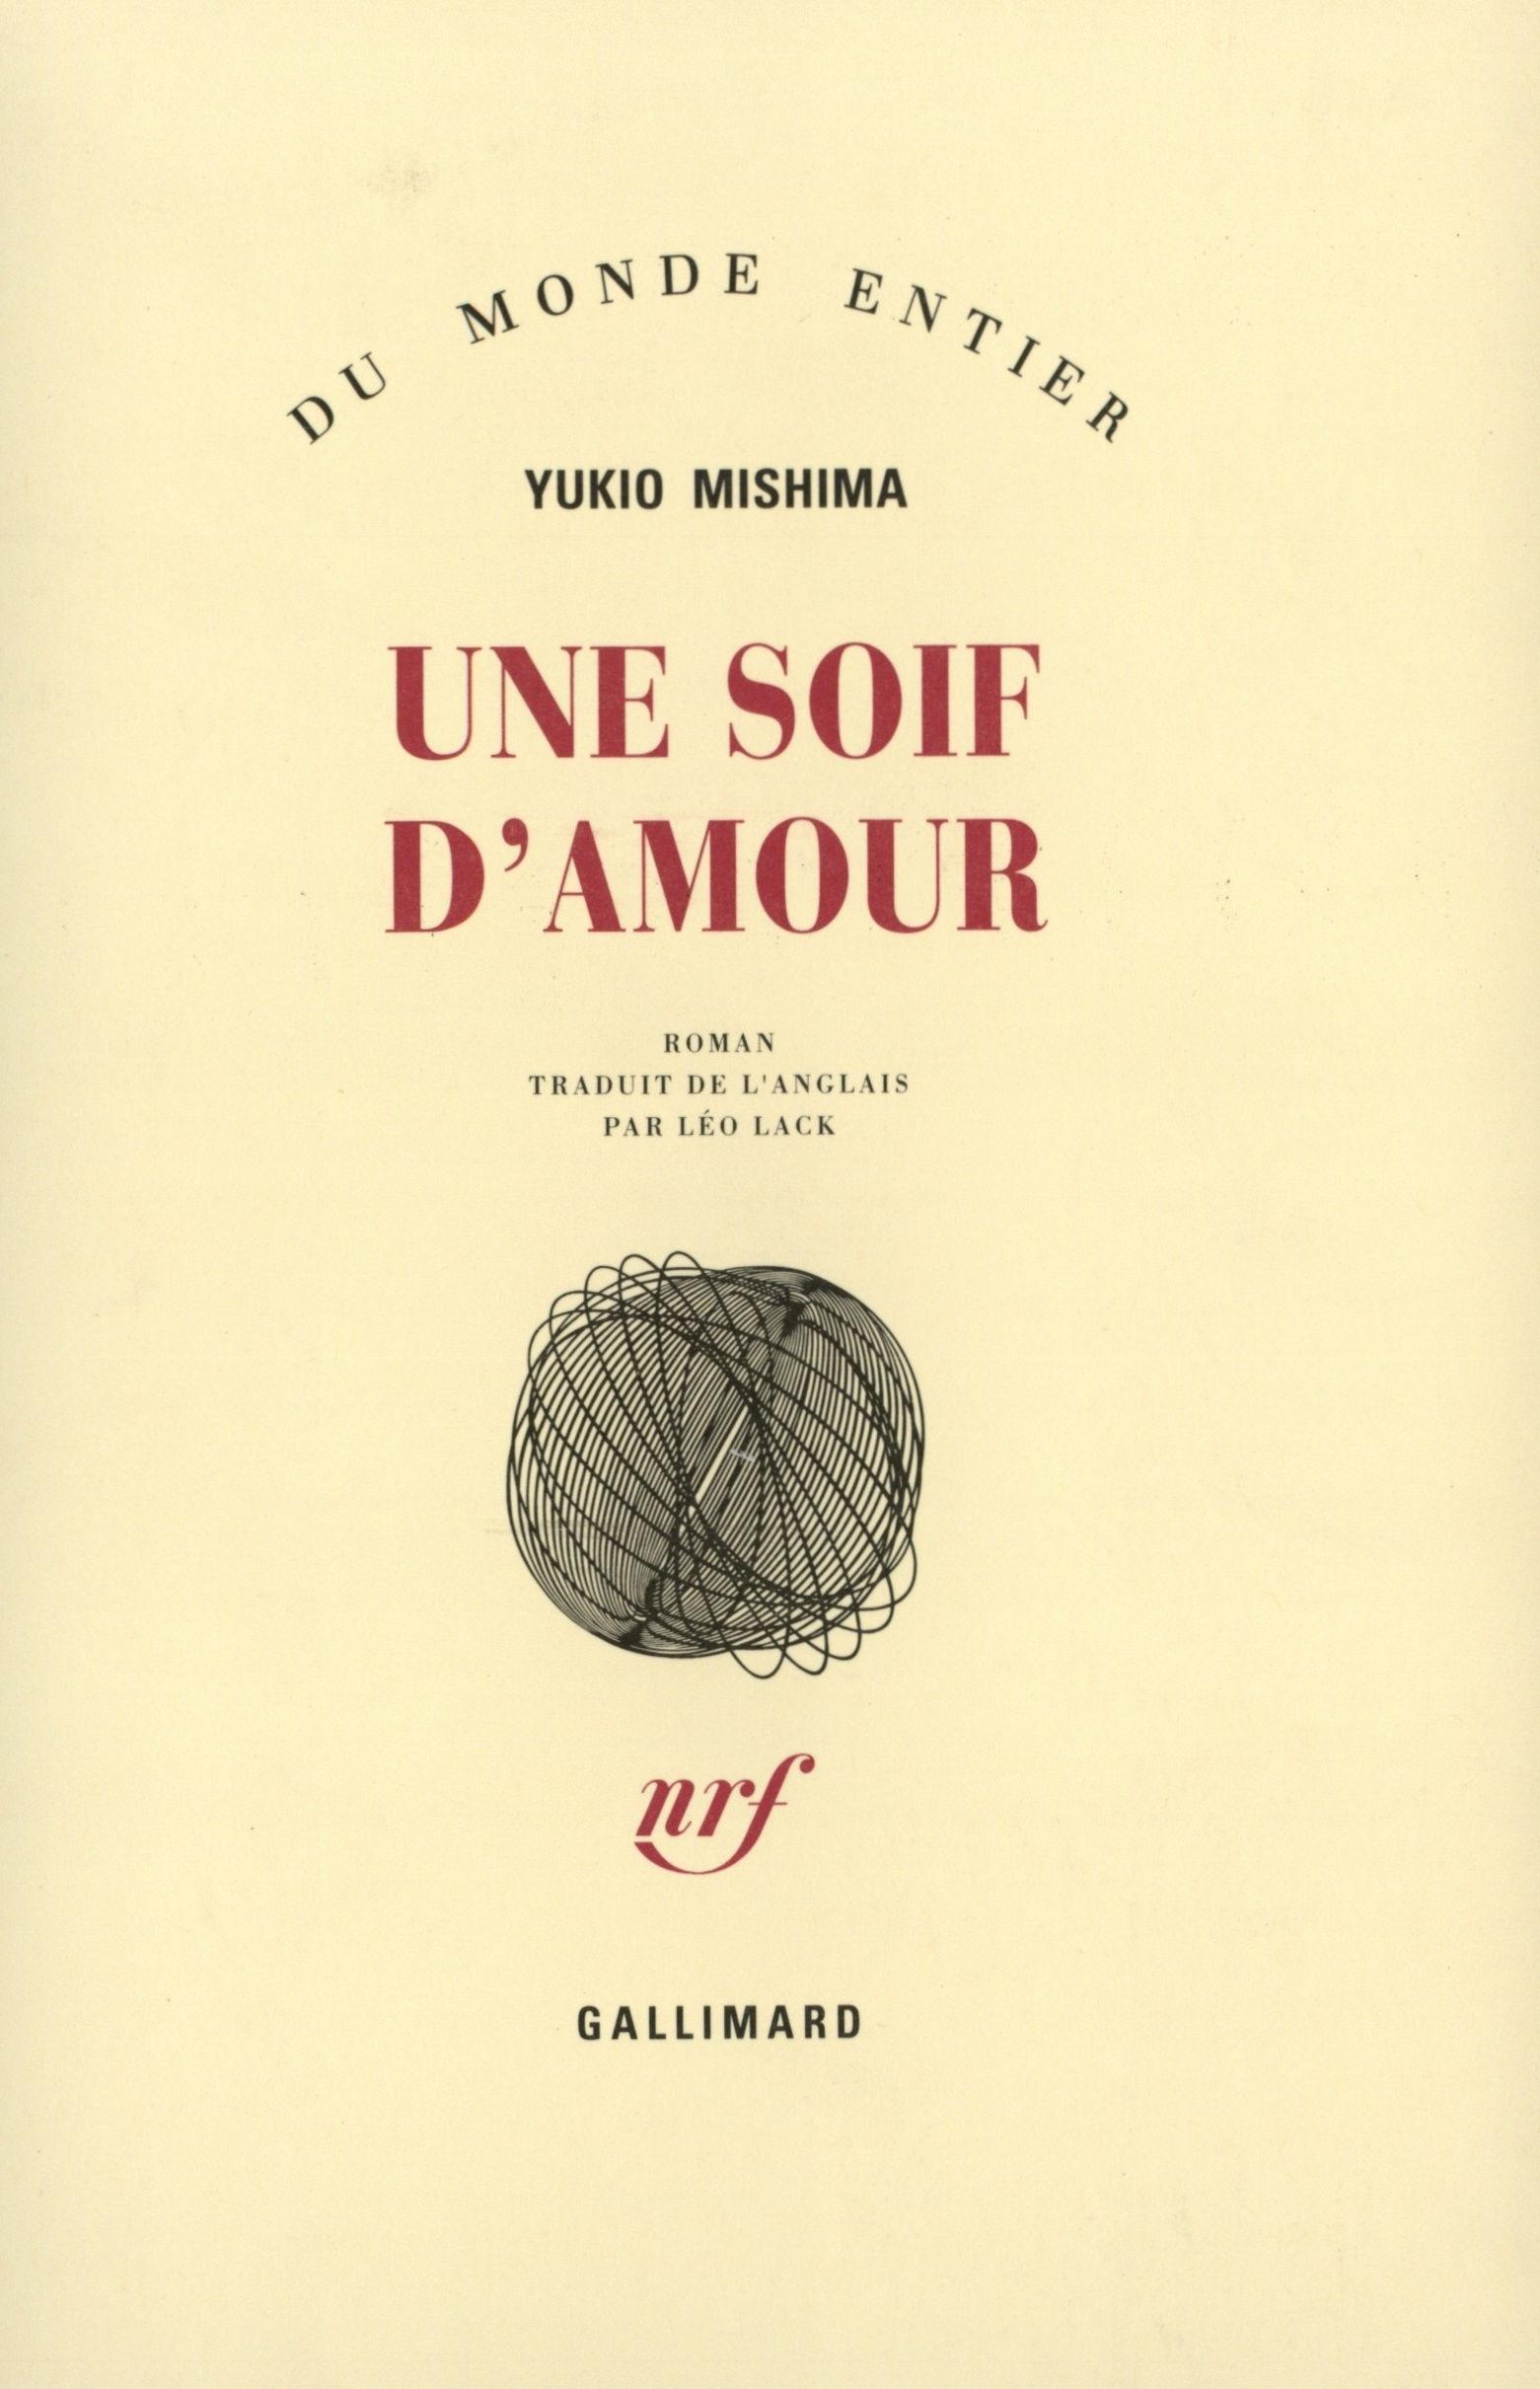 UNE SOIF D'AMOUR